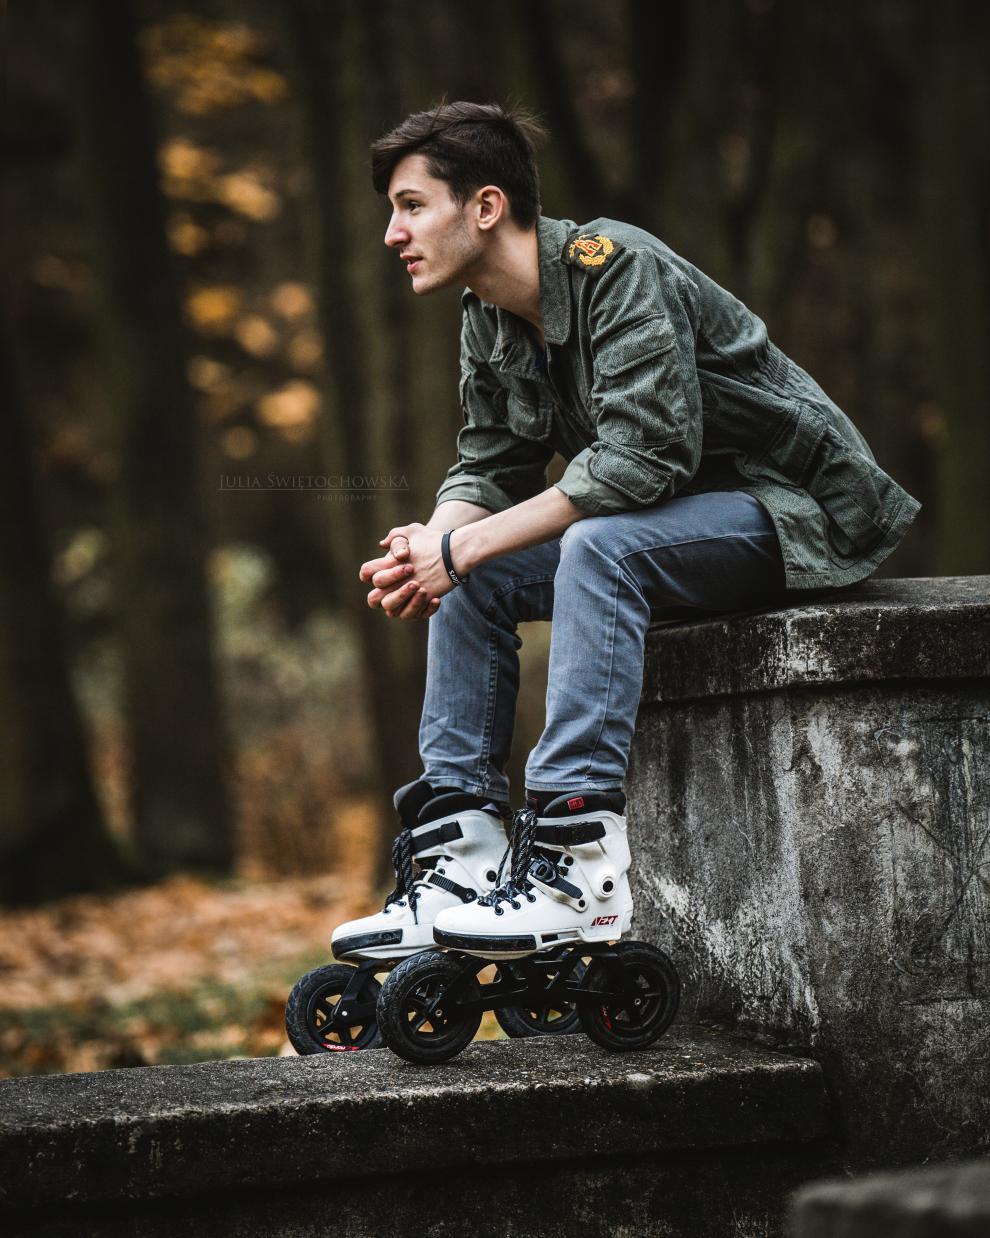 Video - Tomasz Ardziński na rolkach Powerslide - Next z szyną Off-Road Edge